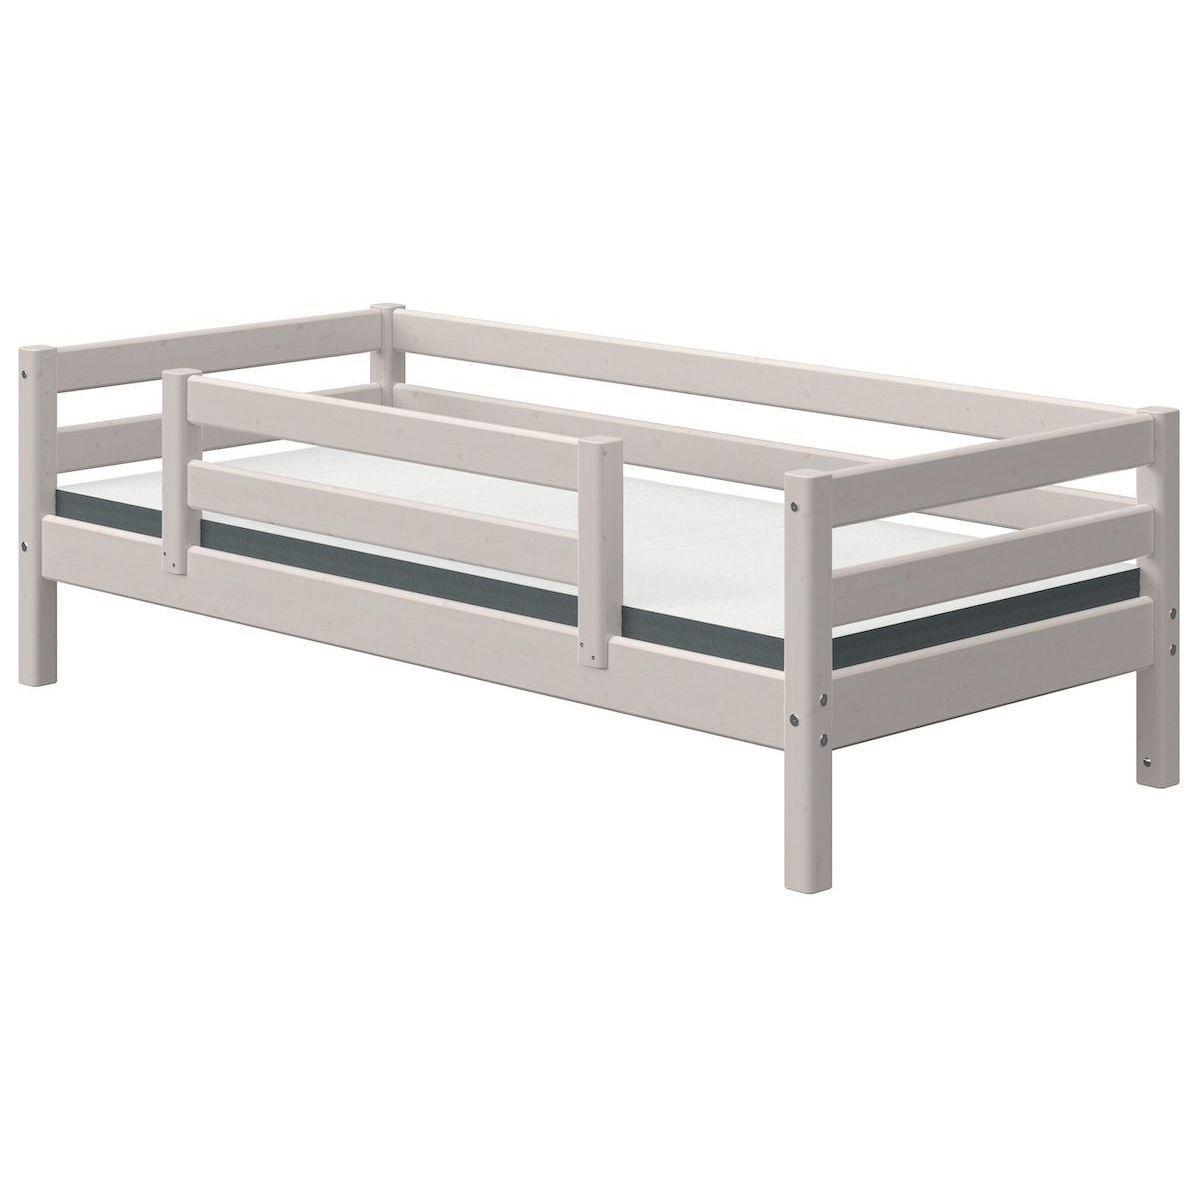 Lit banquette 90x200cm barrière de sécurité centrale CLASSIC Flexa grey washed